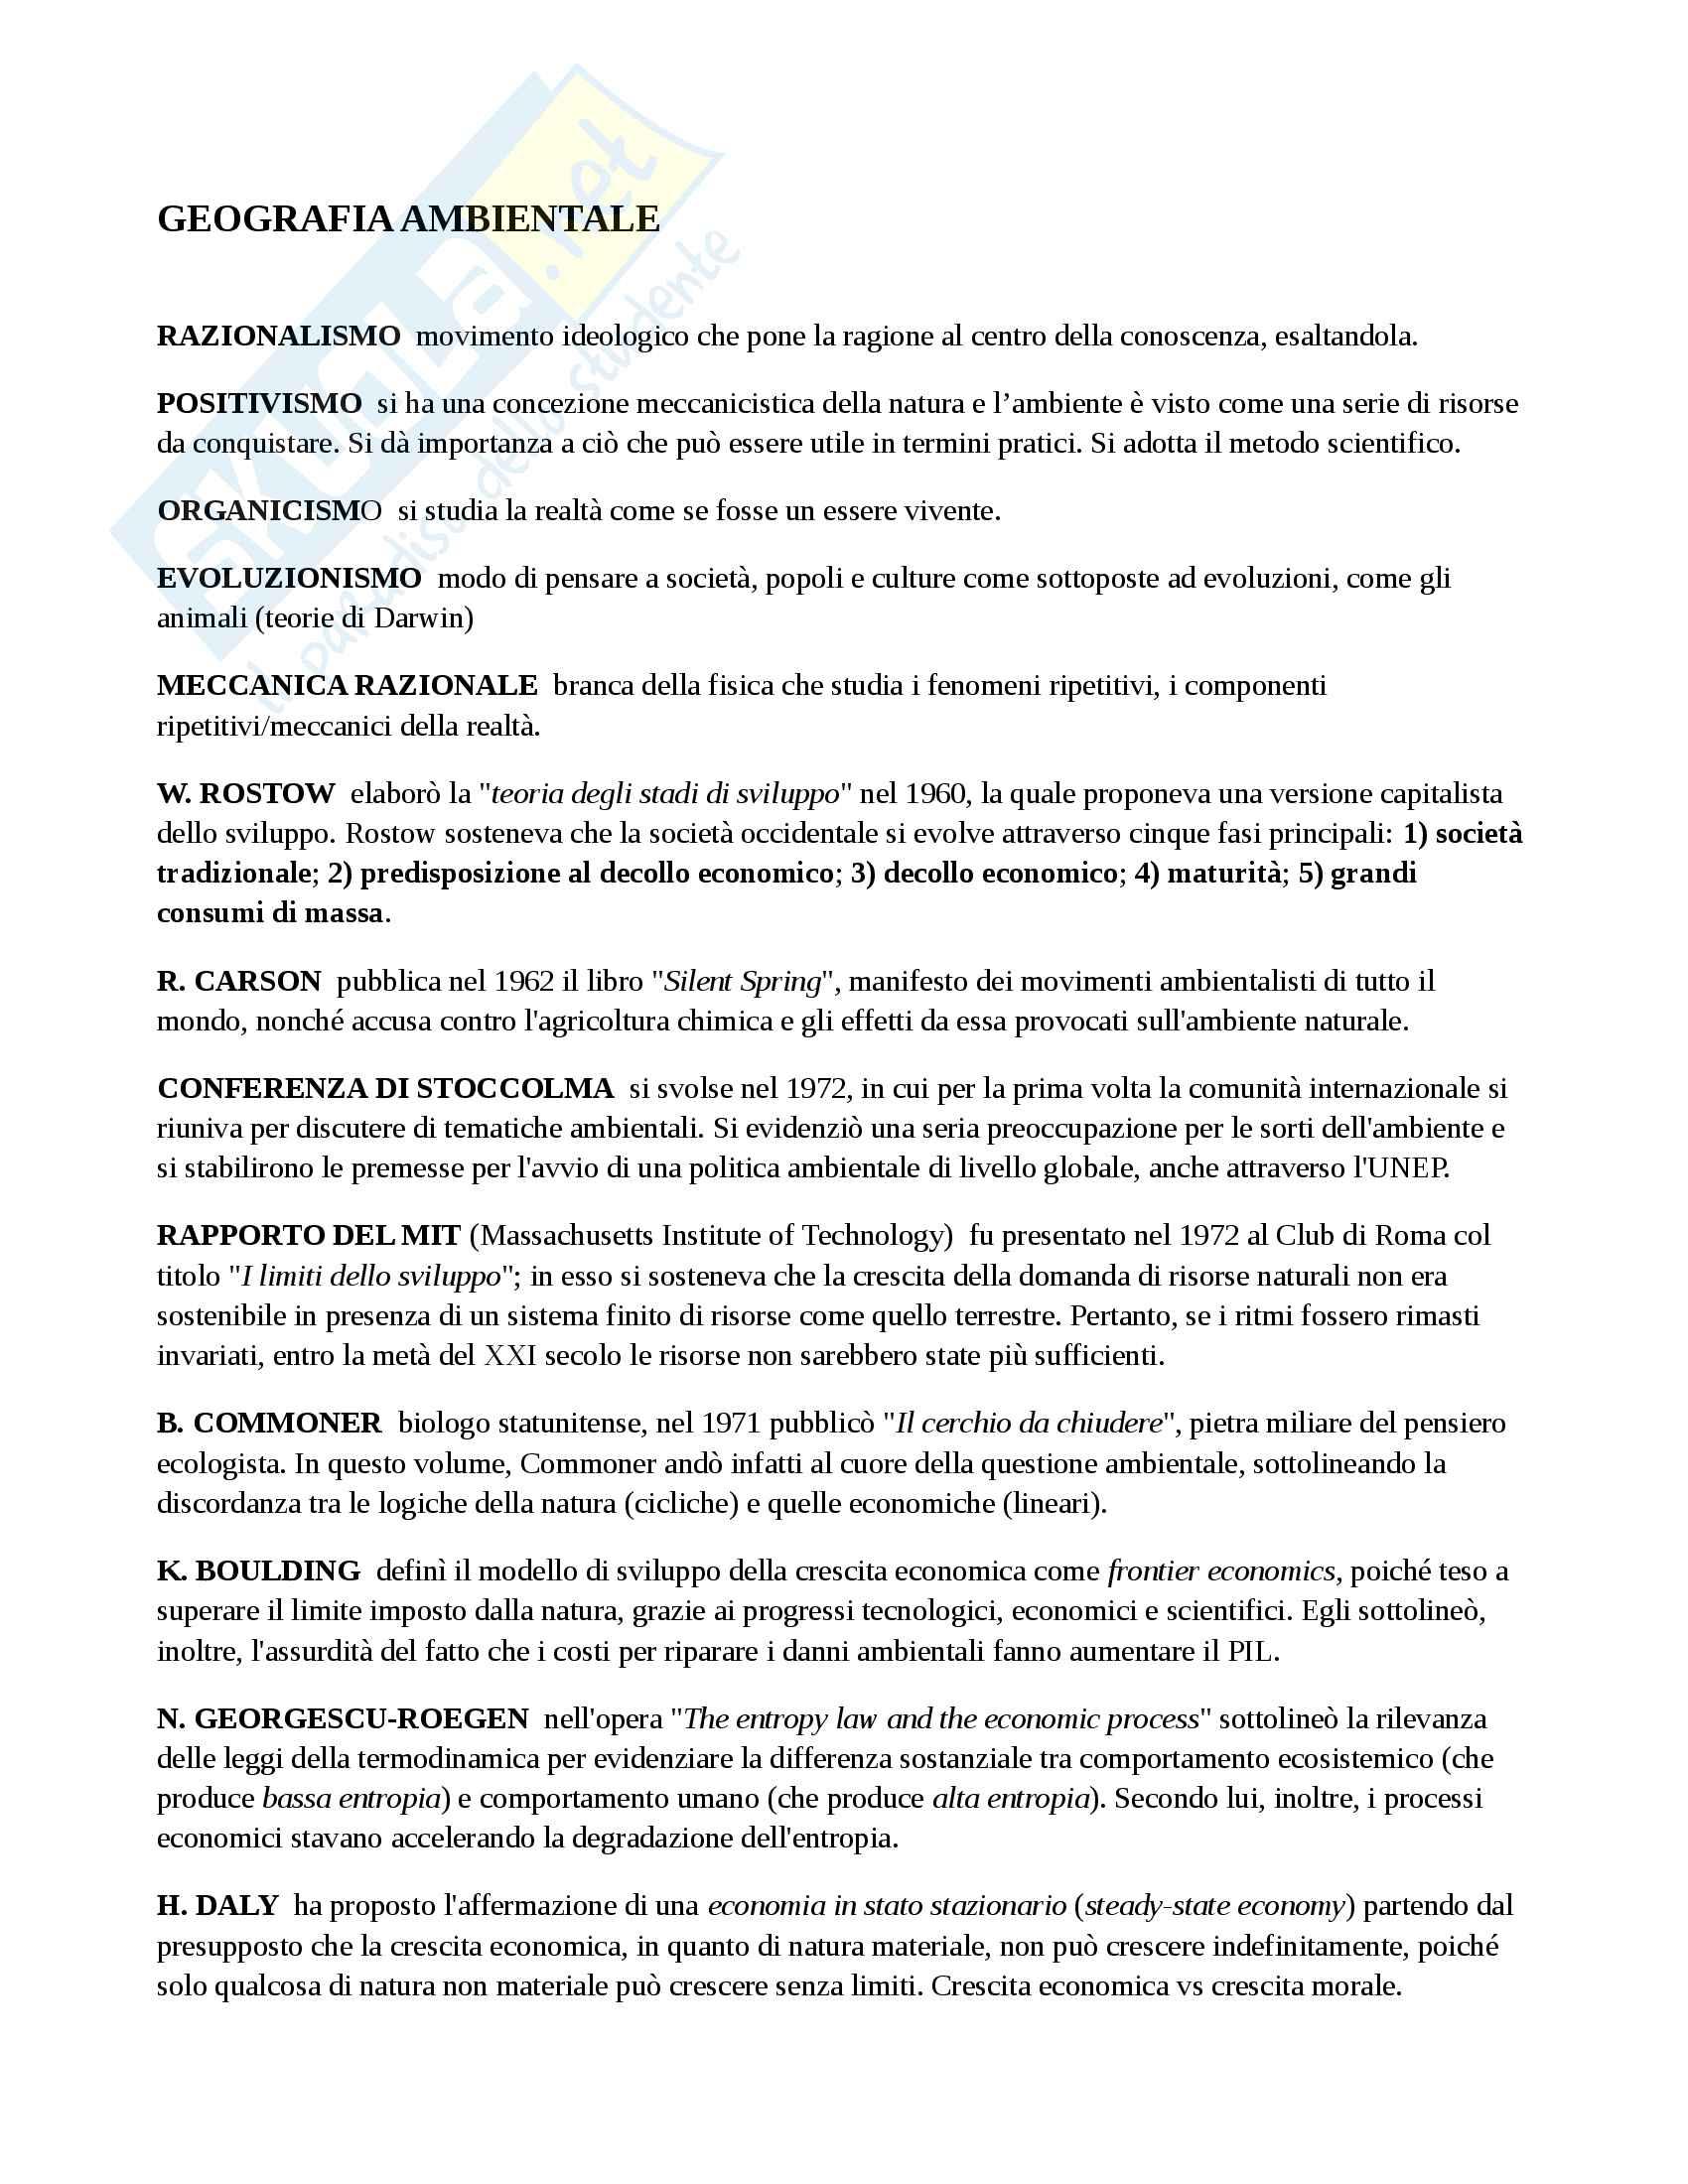 Appunti per l'esame di Geografia ambientale, prof. Tiziana Banini